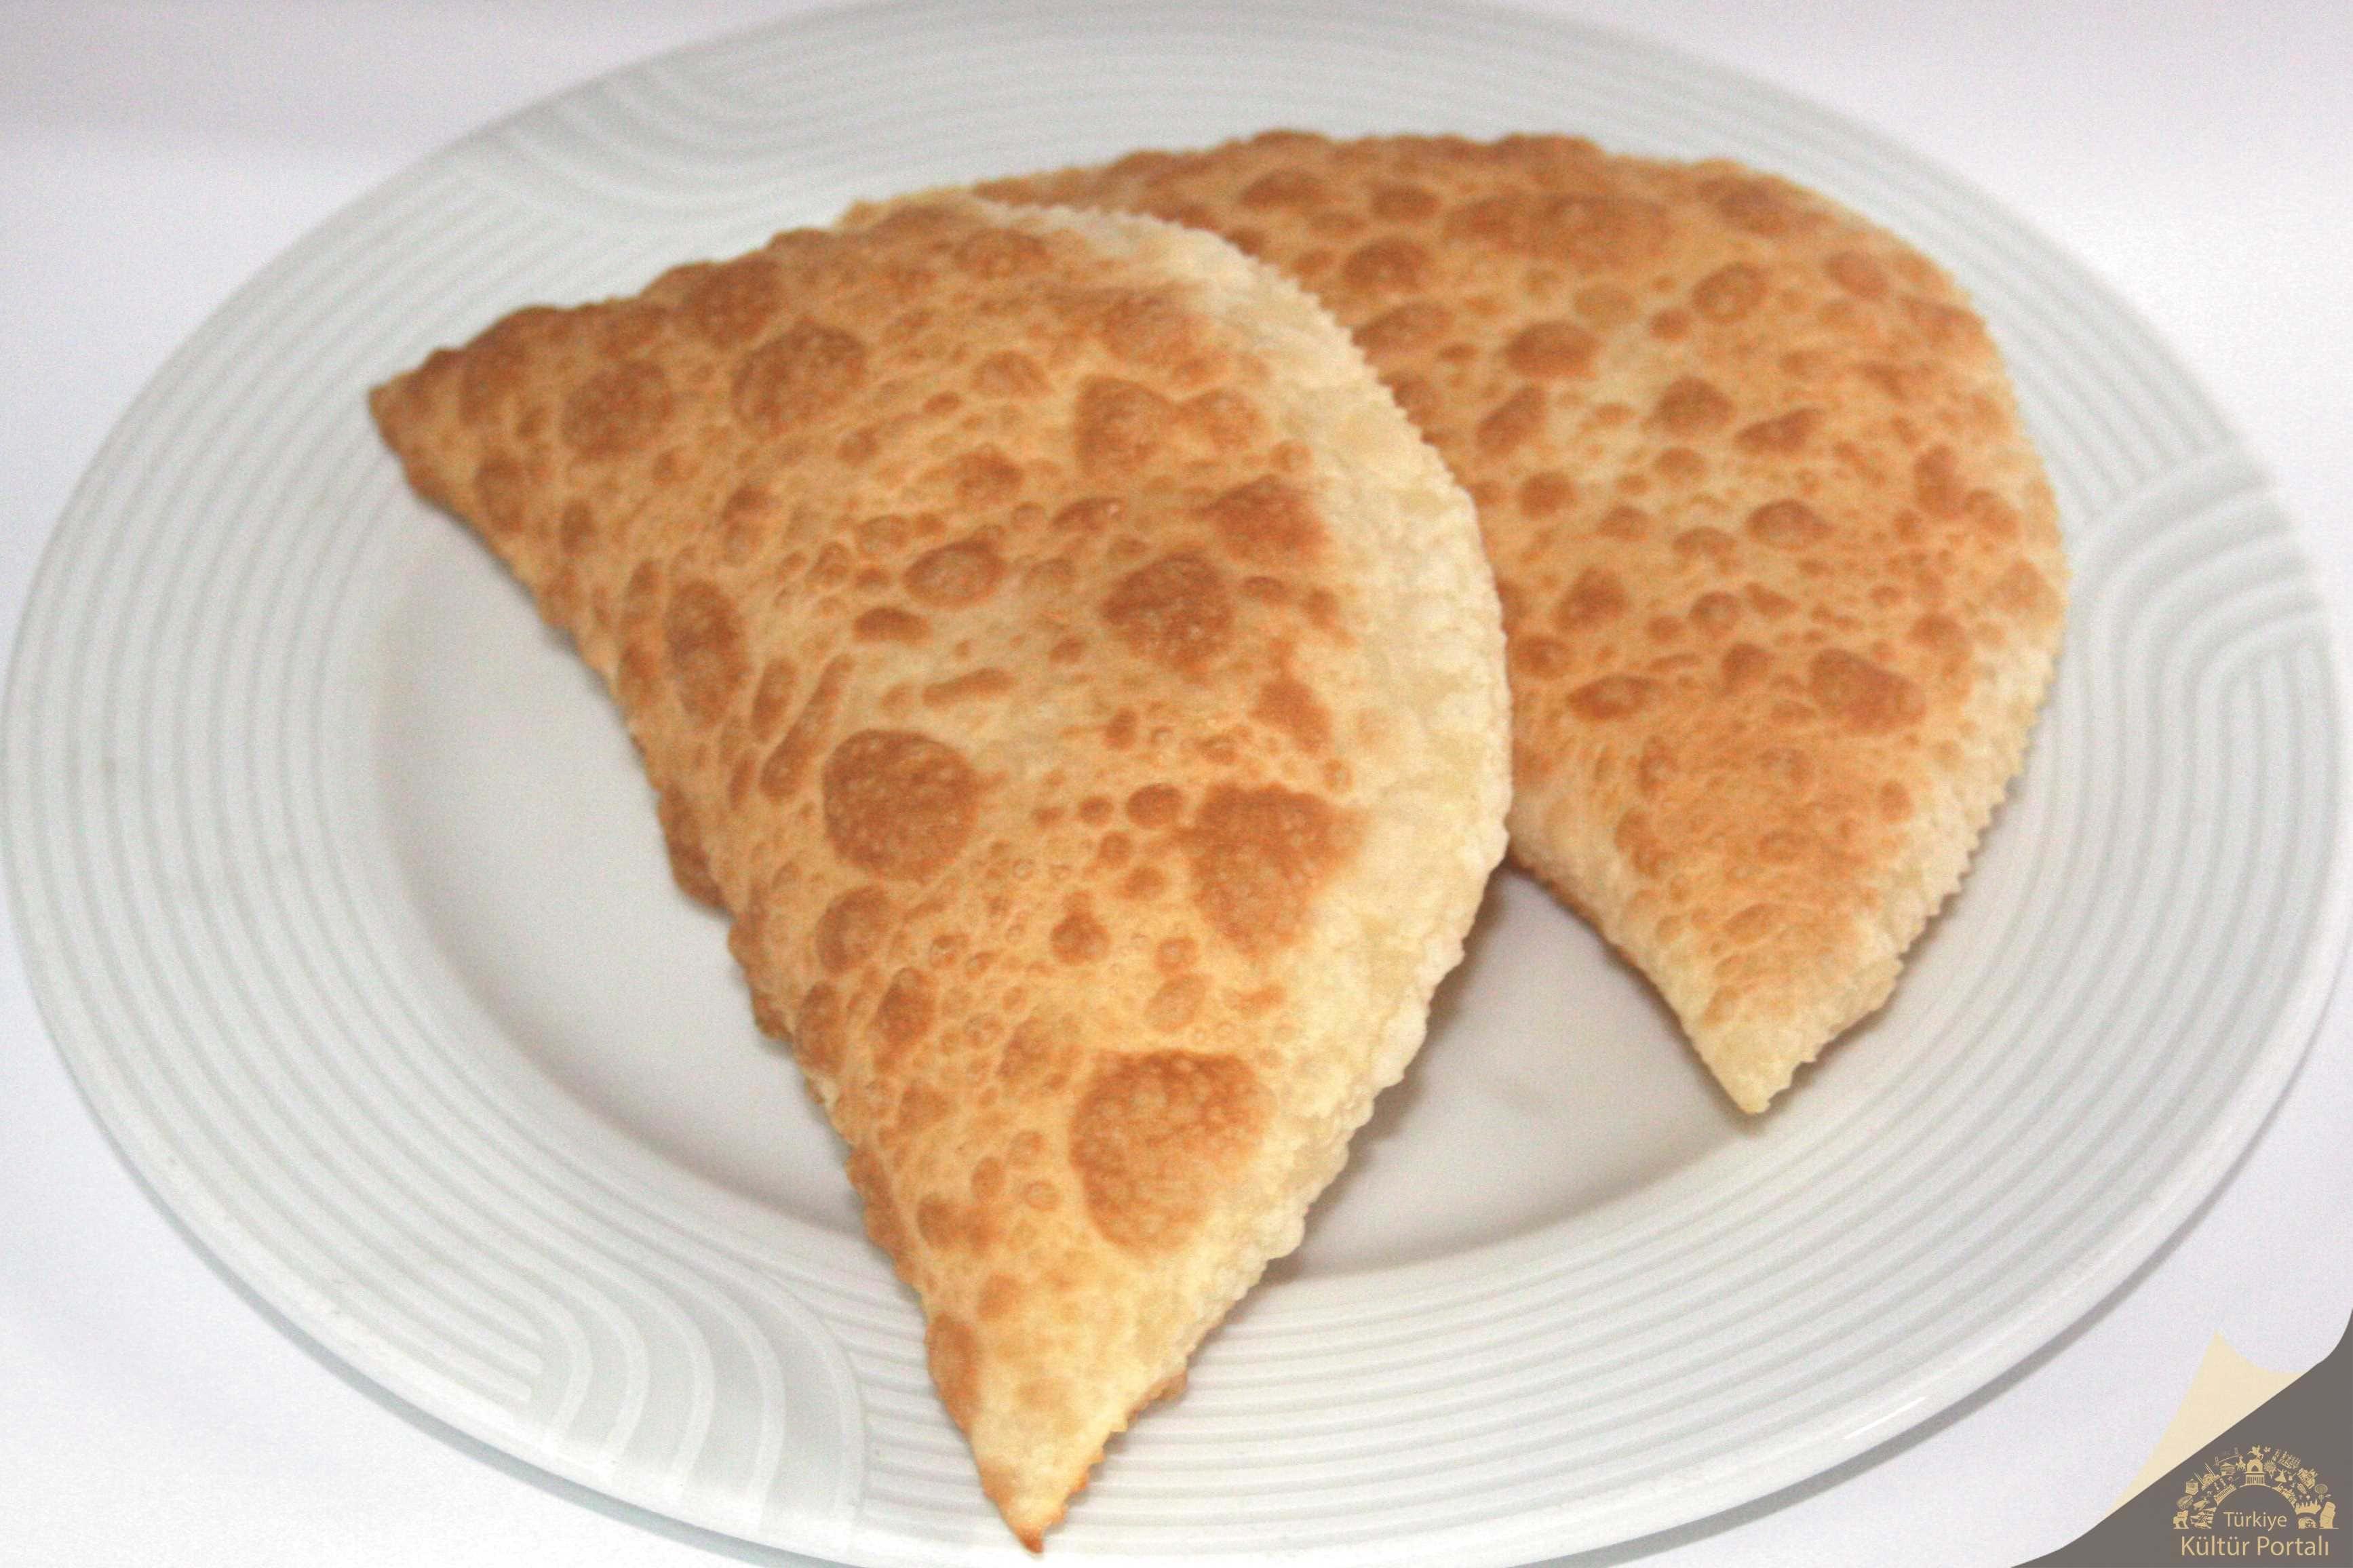 Eskişehir çiğ Böreği çibörek Kültür Portalı Medya Kütüphanesi